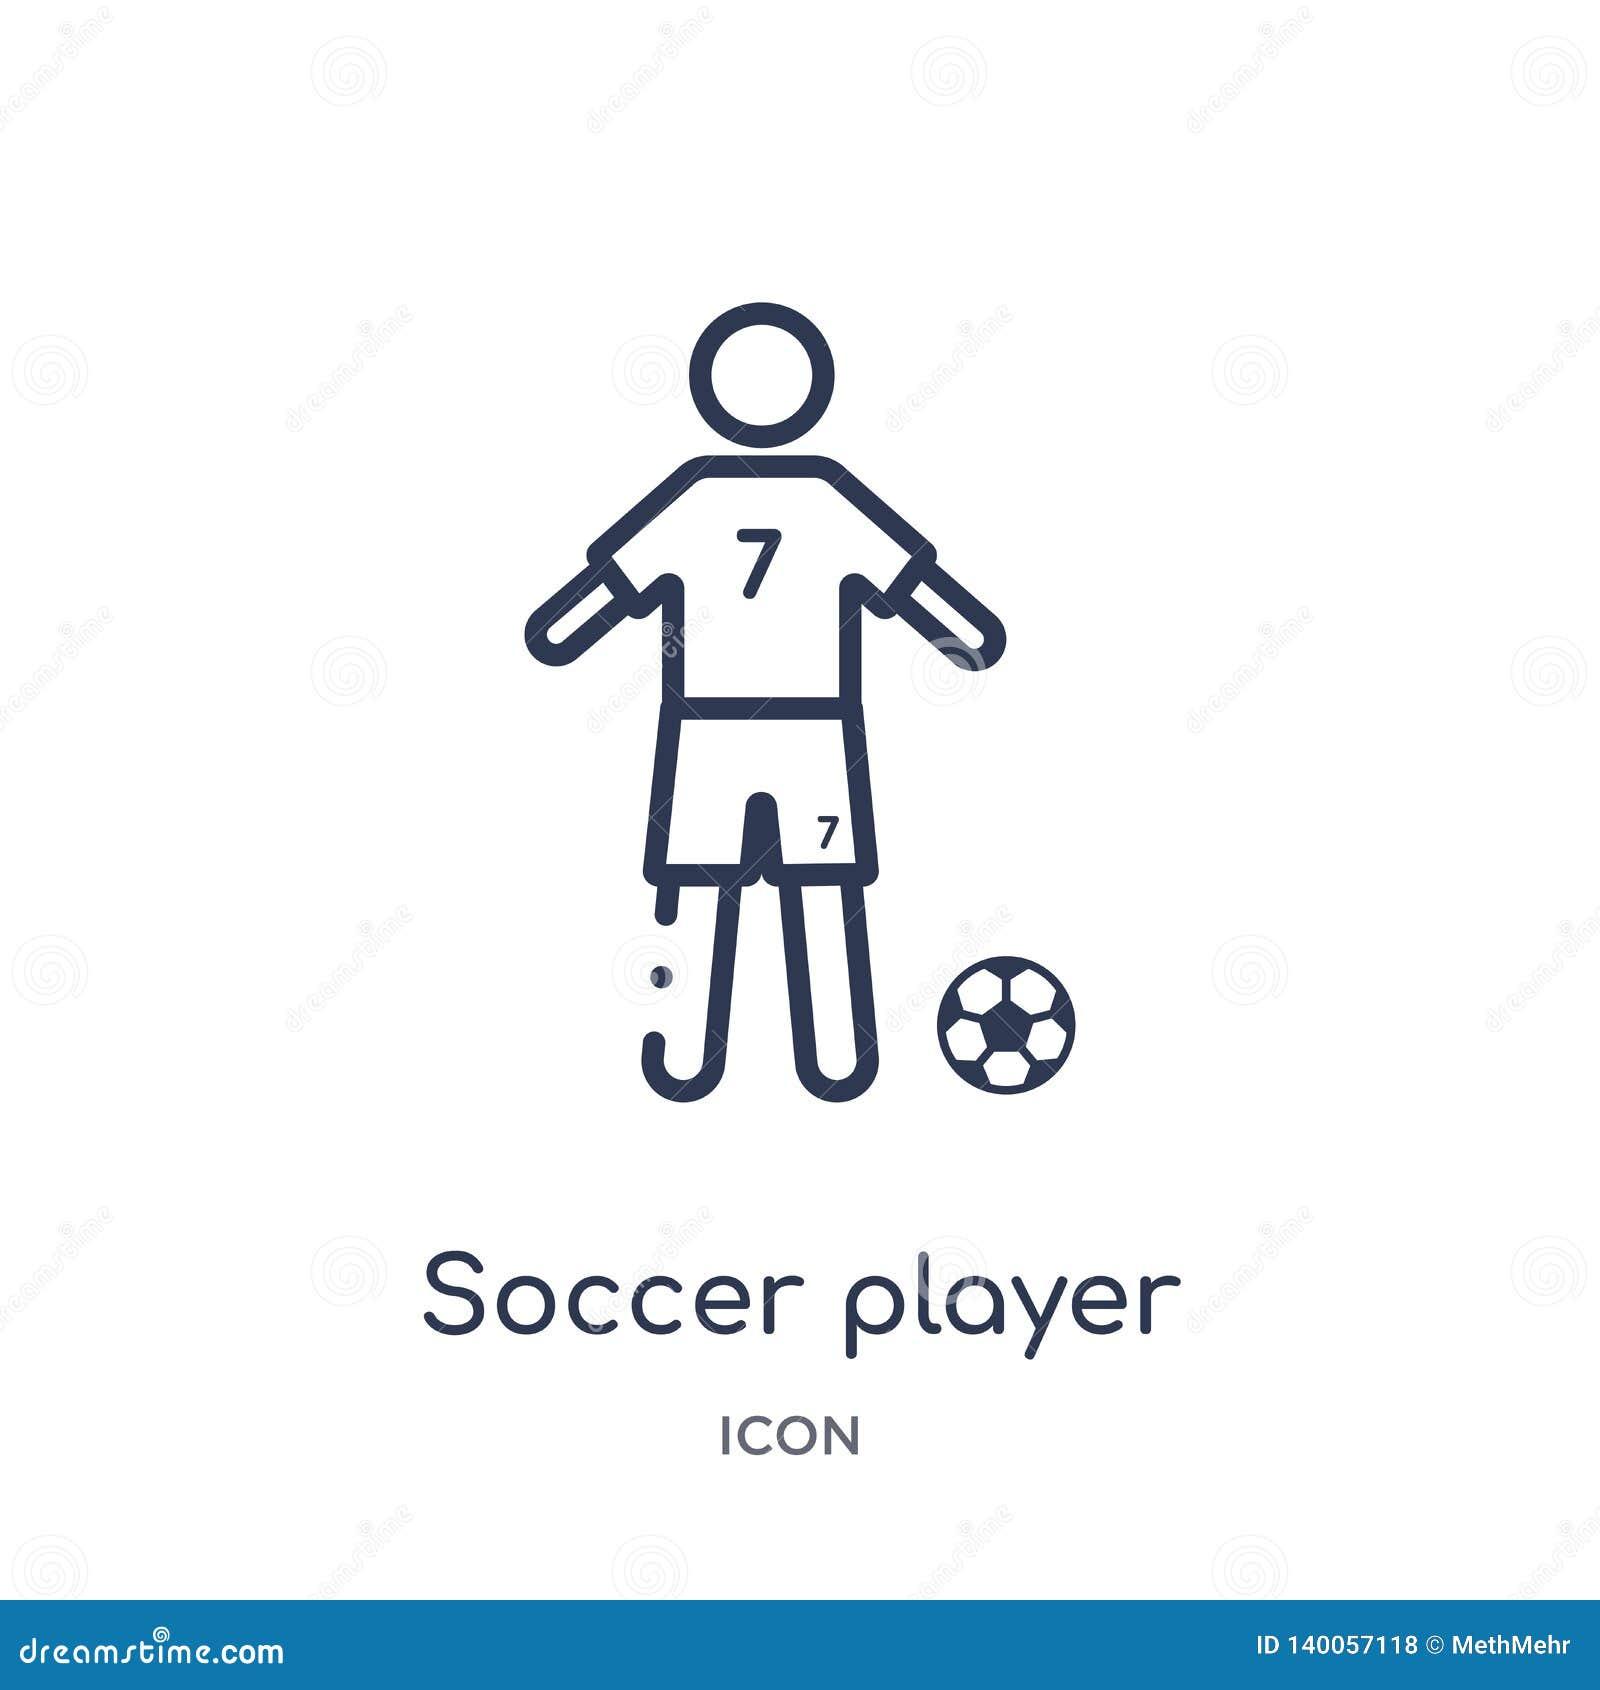 Ícone linear do jogador de futebol da coleção do esboço do futebol Linha fina vetor do jogador de futebol isolado no fundo branco